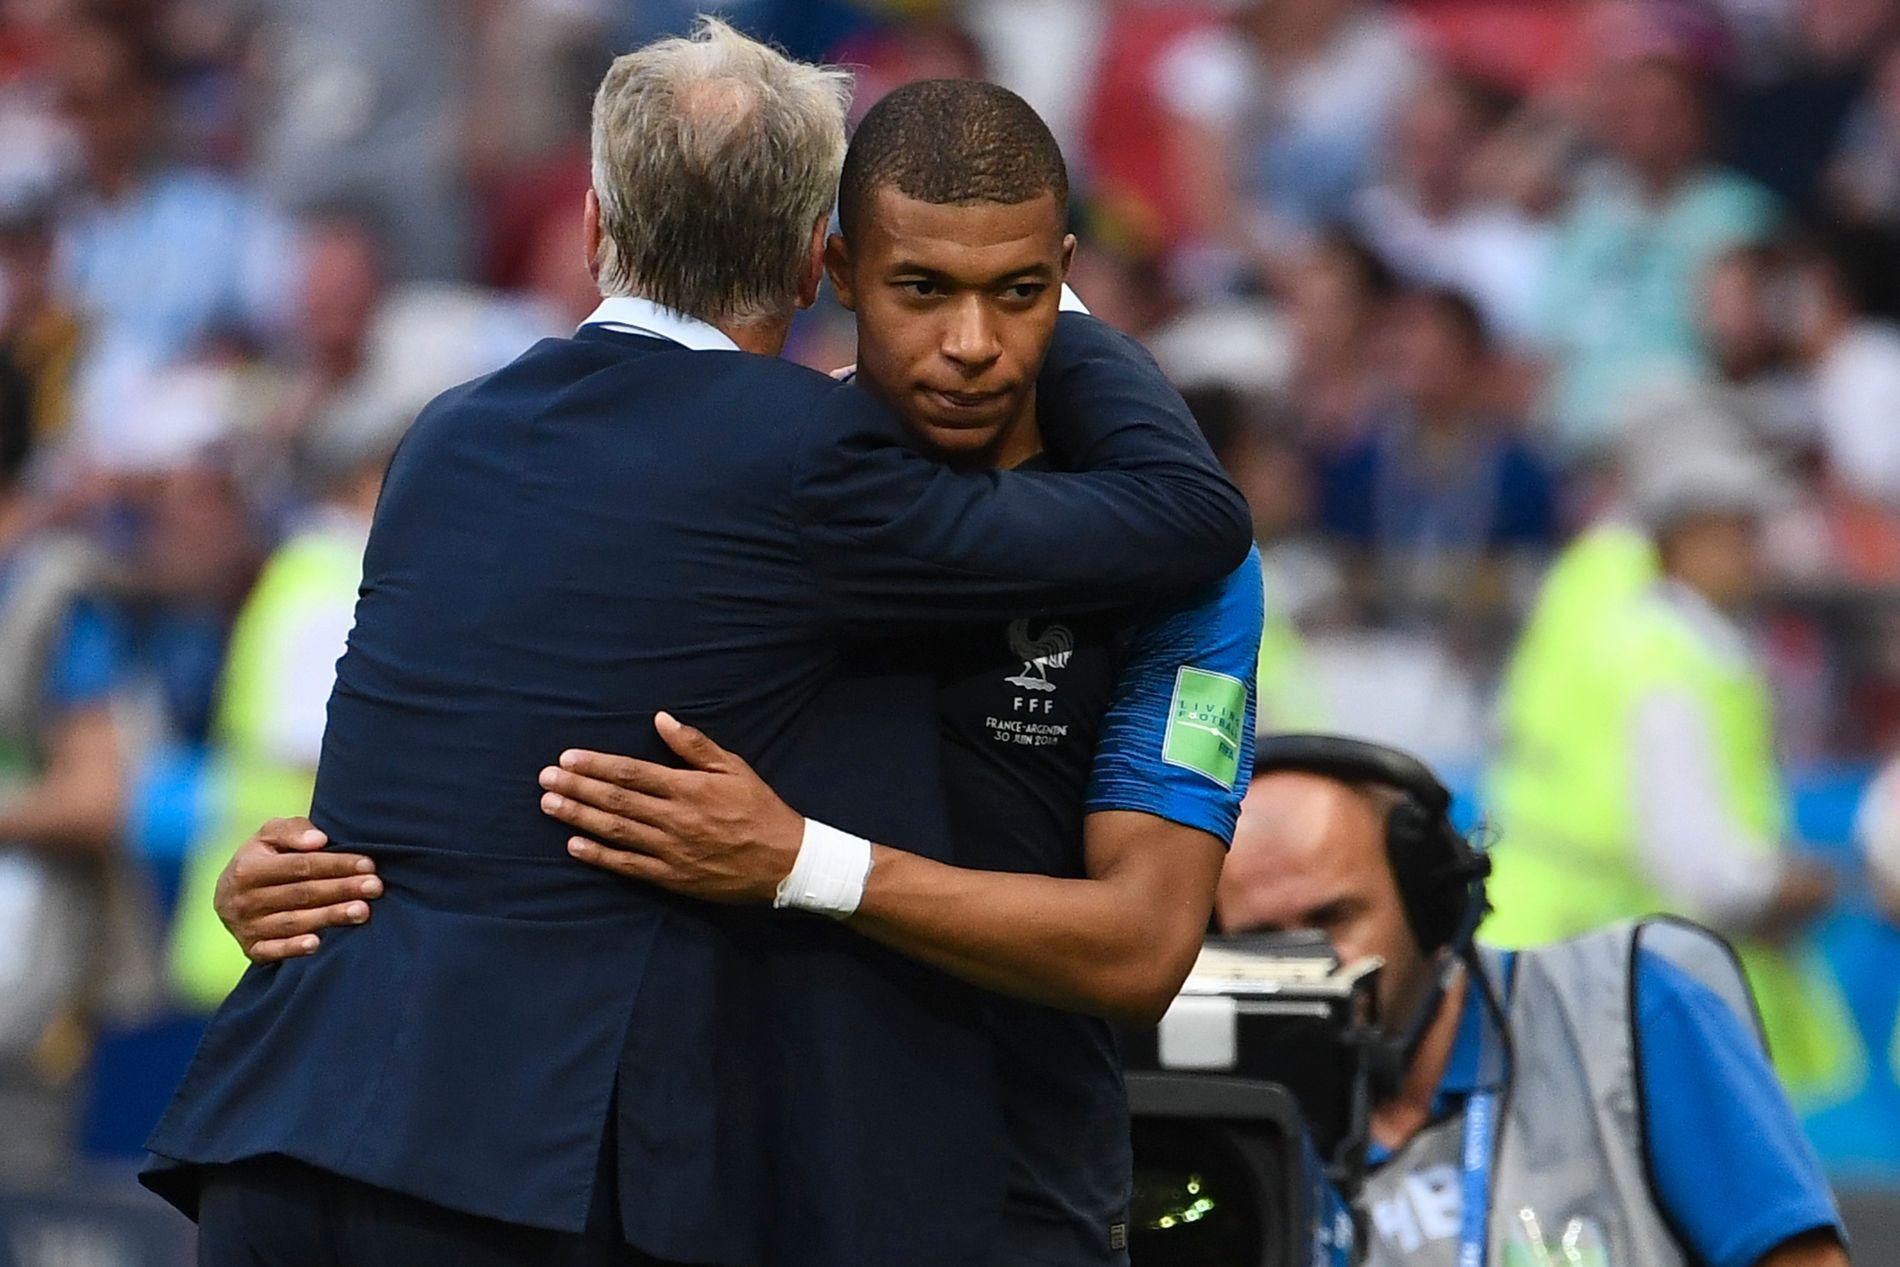 KLEM FRA SJEFEN: Didier Deschamps gir Kylian Mbappé en klem etter ungguttens to mål mot Argentina.